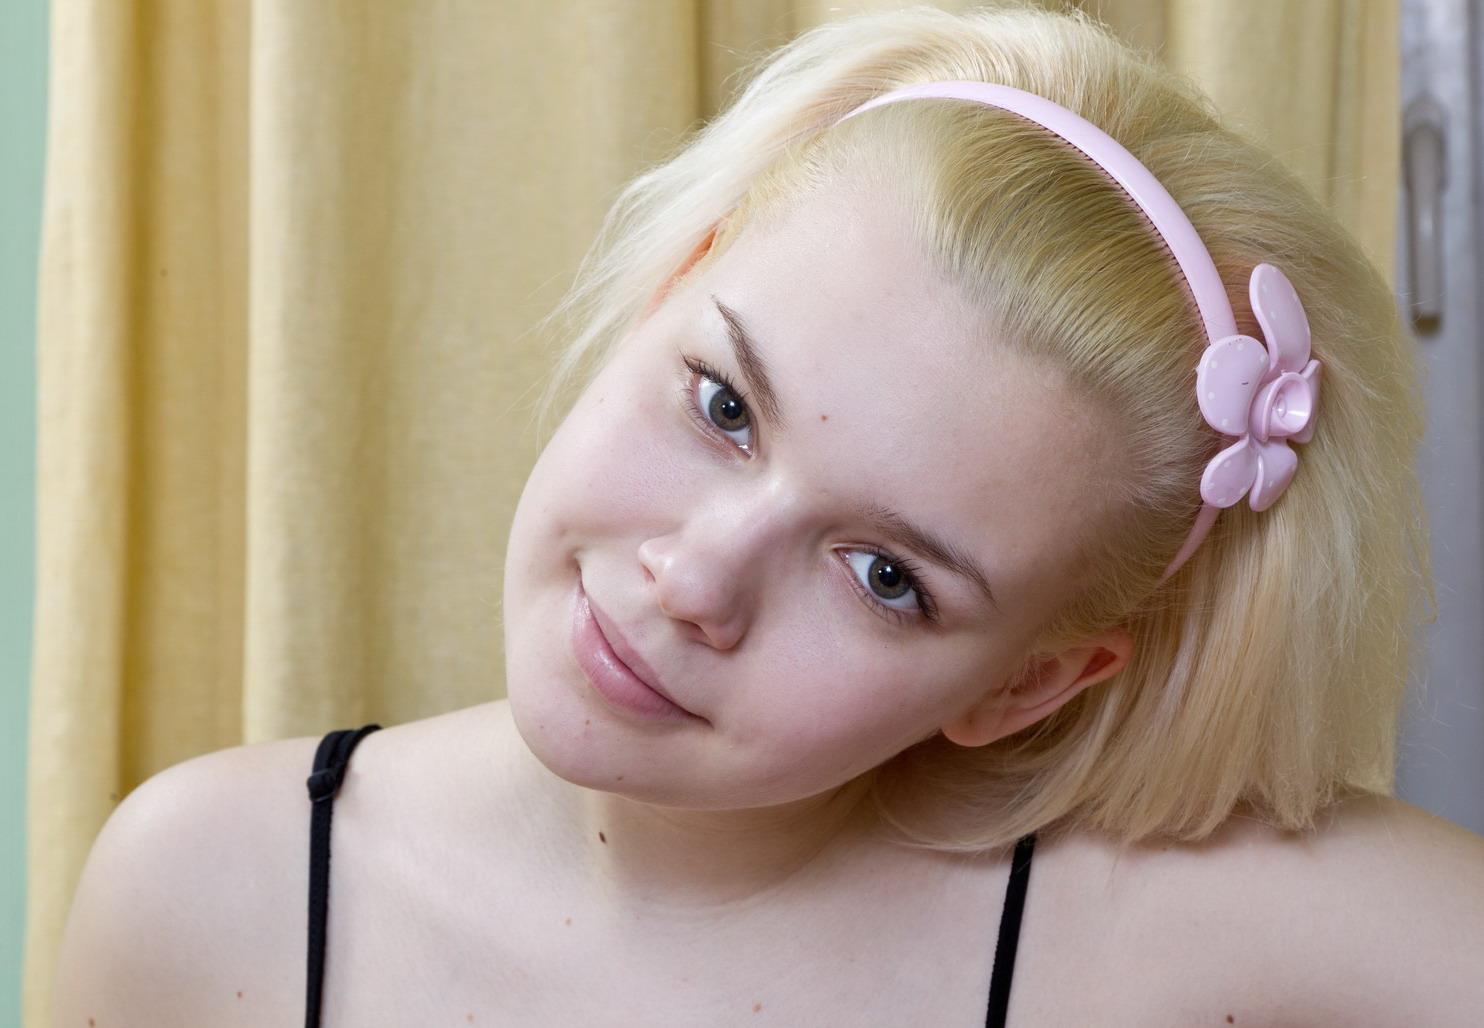 Мокрая пиздушка юной пионерки 15 фото эротики  Эротика